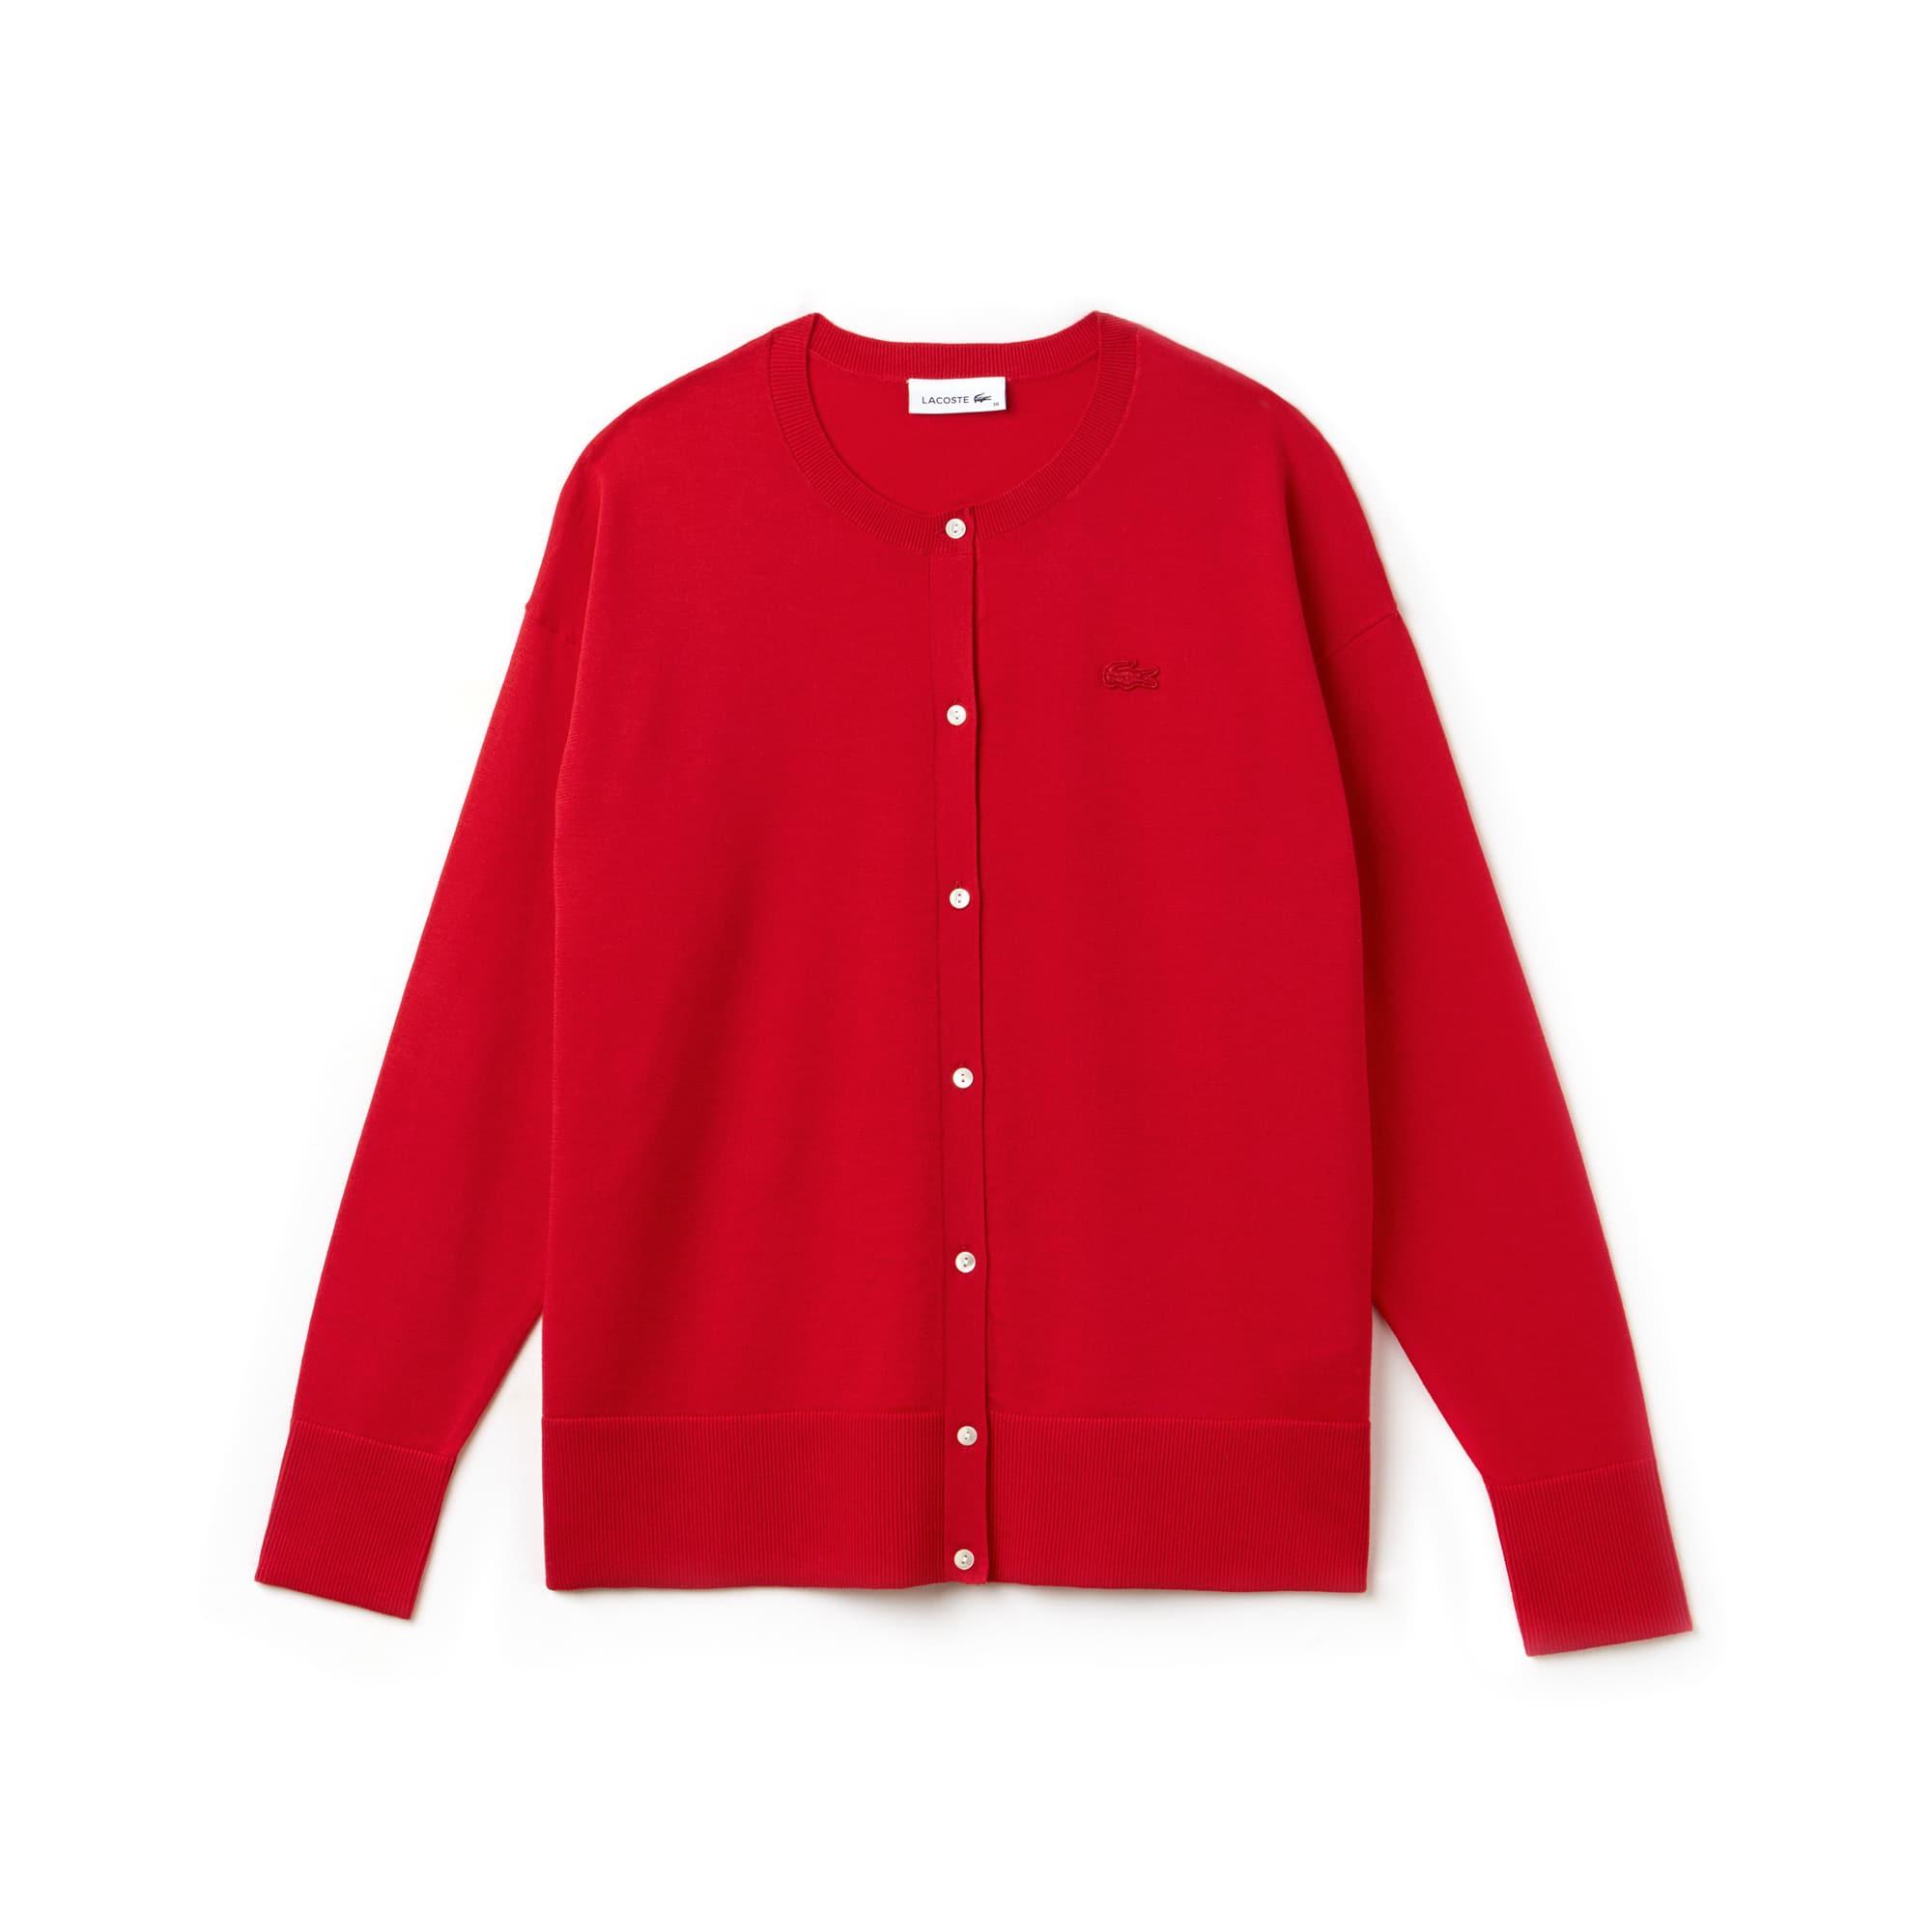 Casaco decote rente ao pescoço em jersey de algodão unicolor